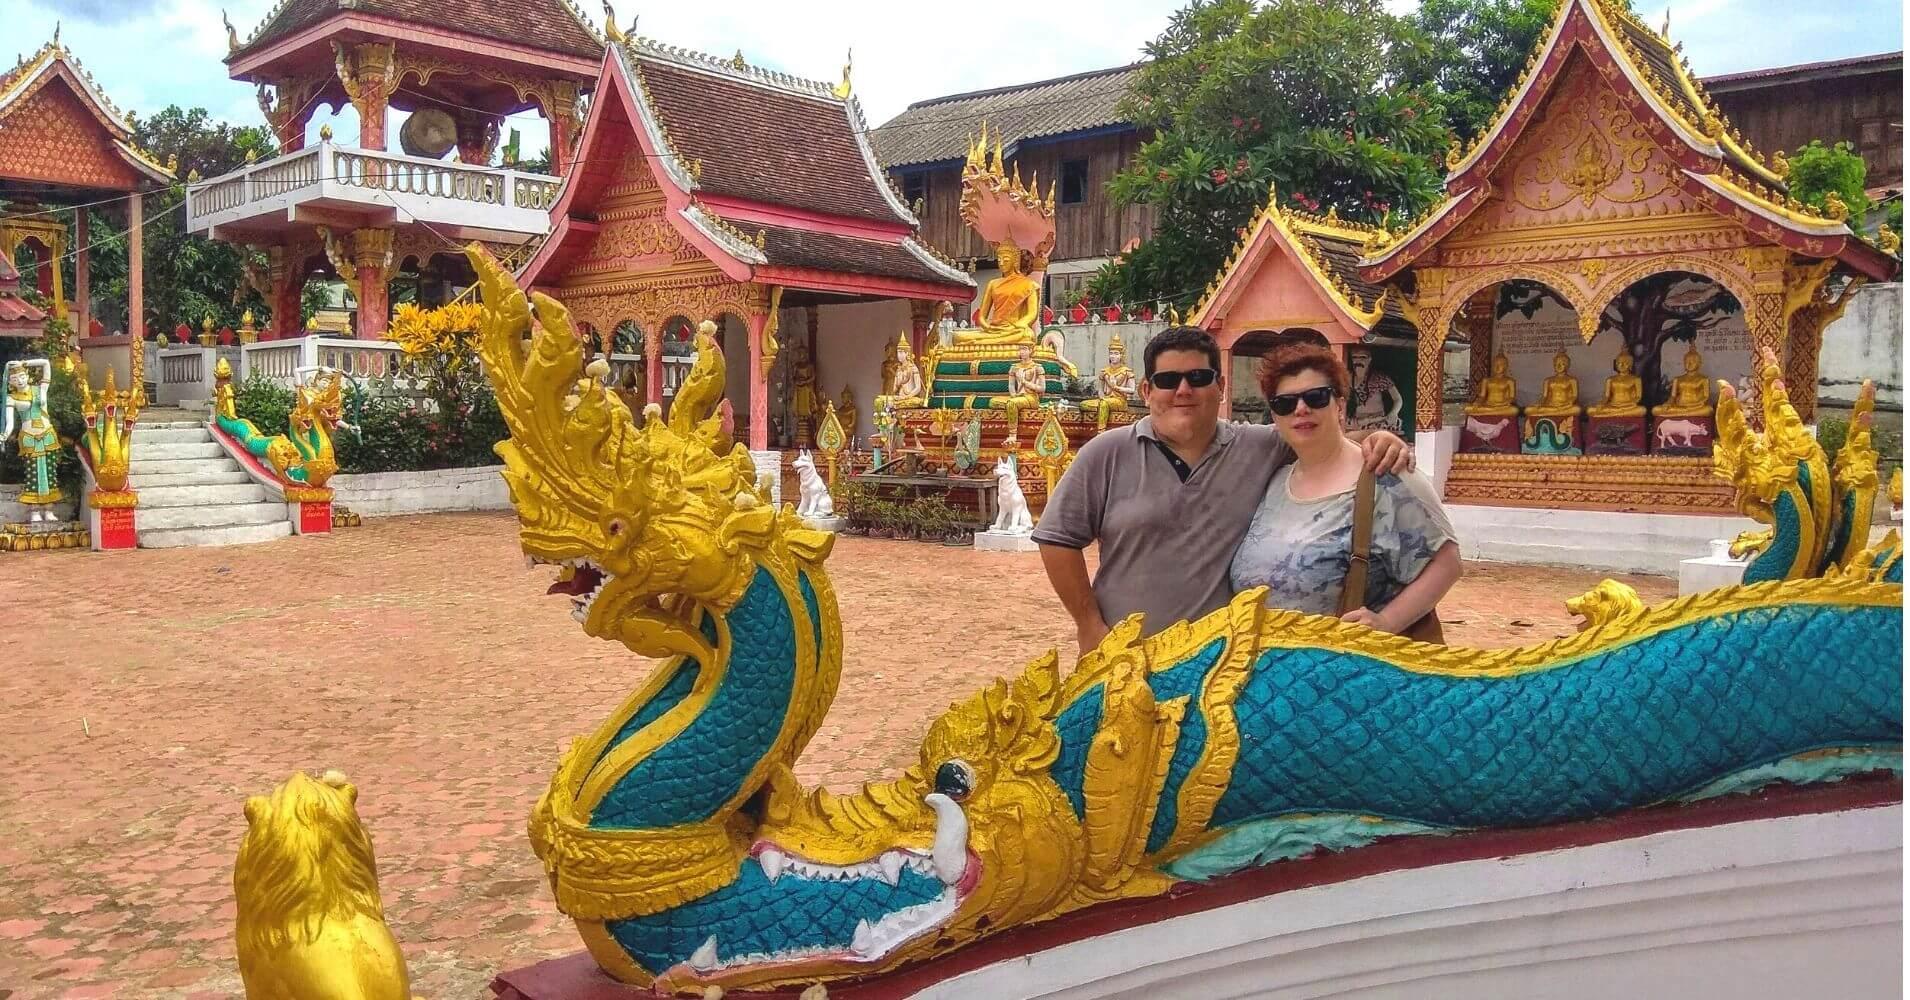 Templos de Luang Prabang. Laos.